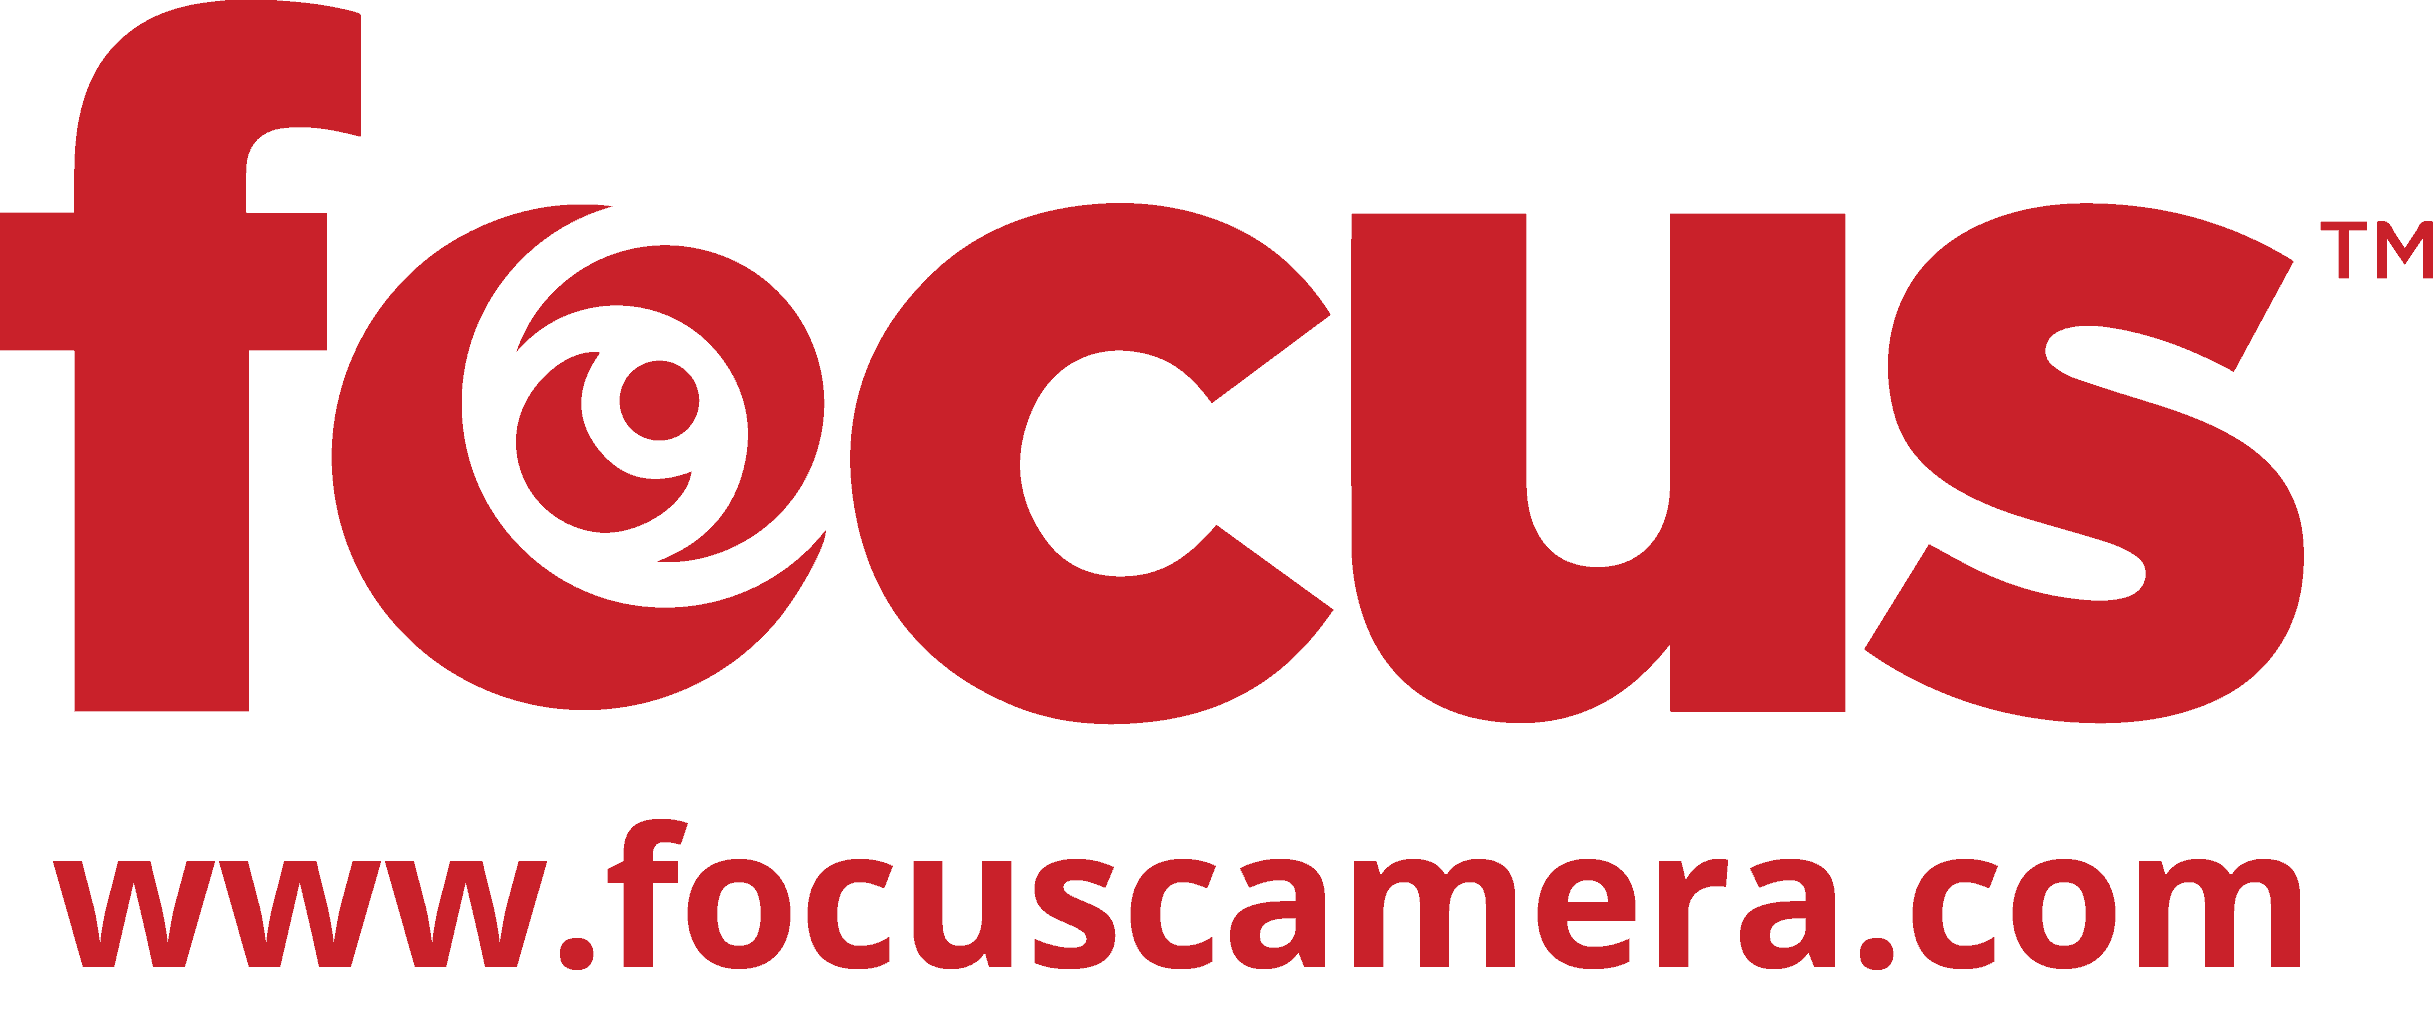 https://www.meprolight.com/wp-content/uploads/2021/04/Focus_logo_web_red.png